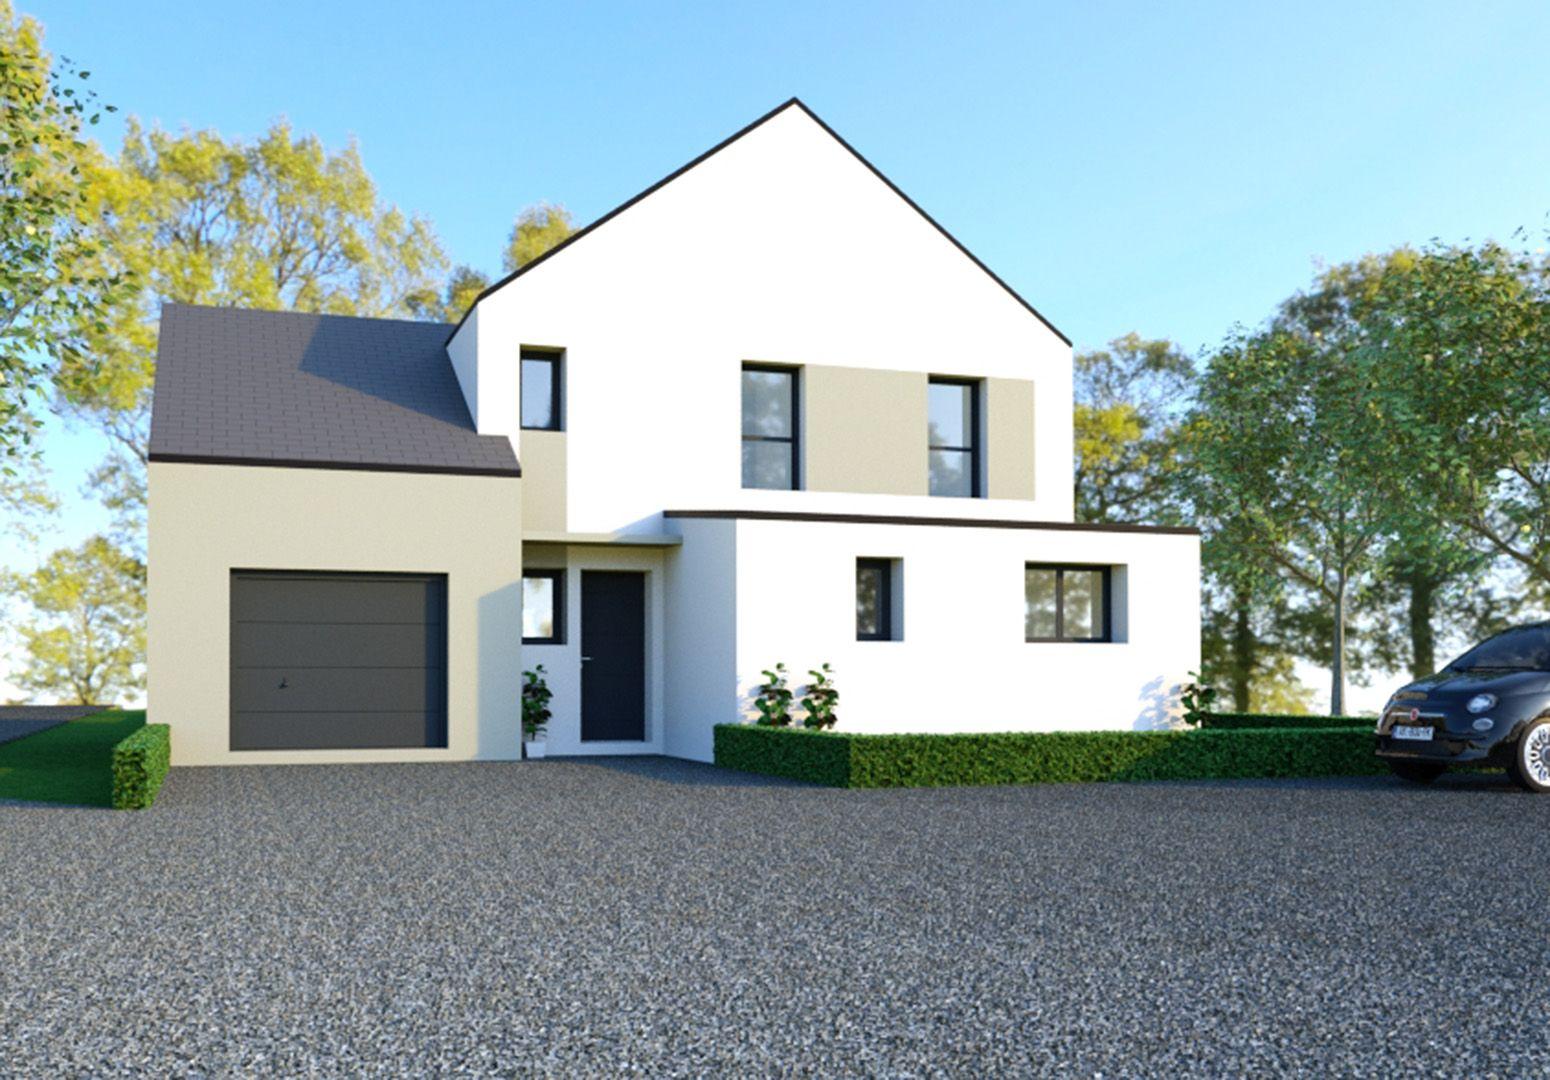 Image du modèle de maison DINARD 4CH 105